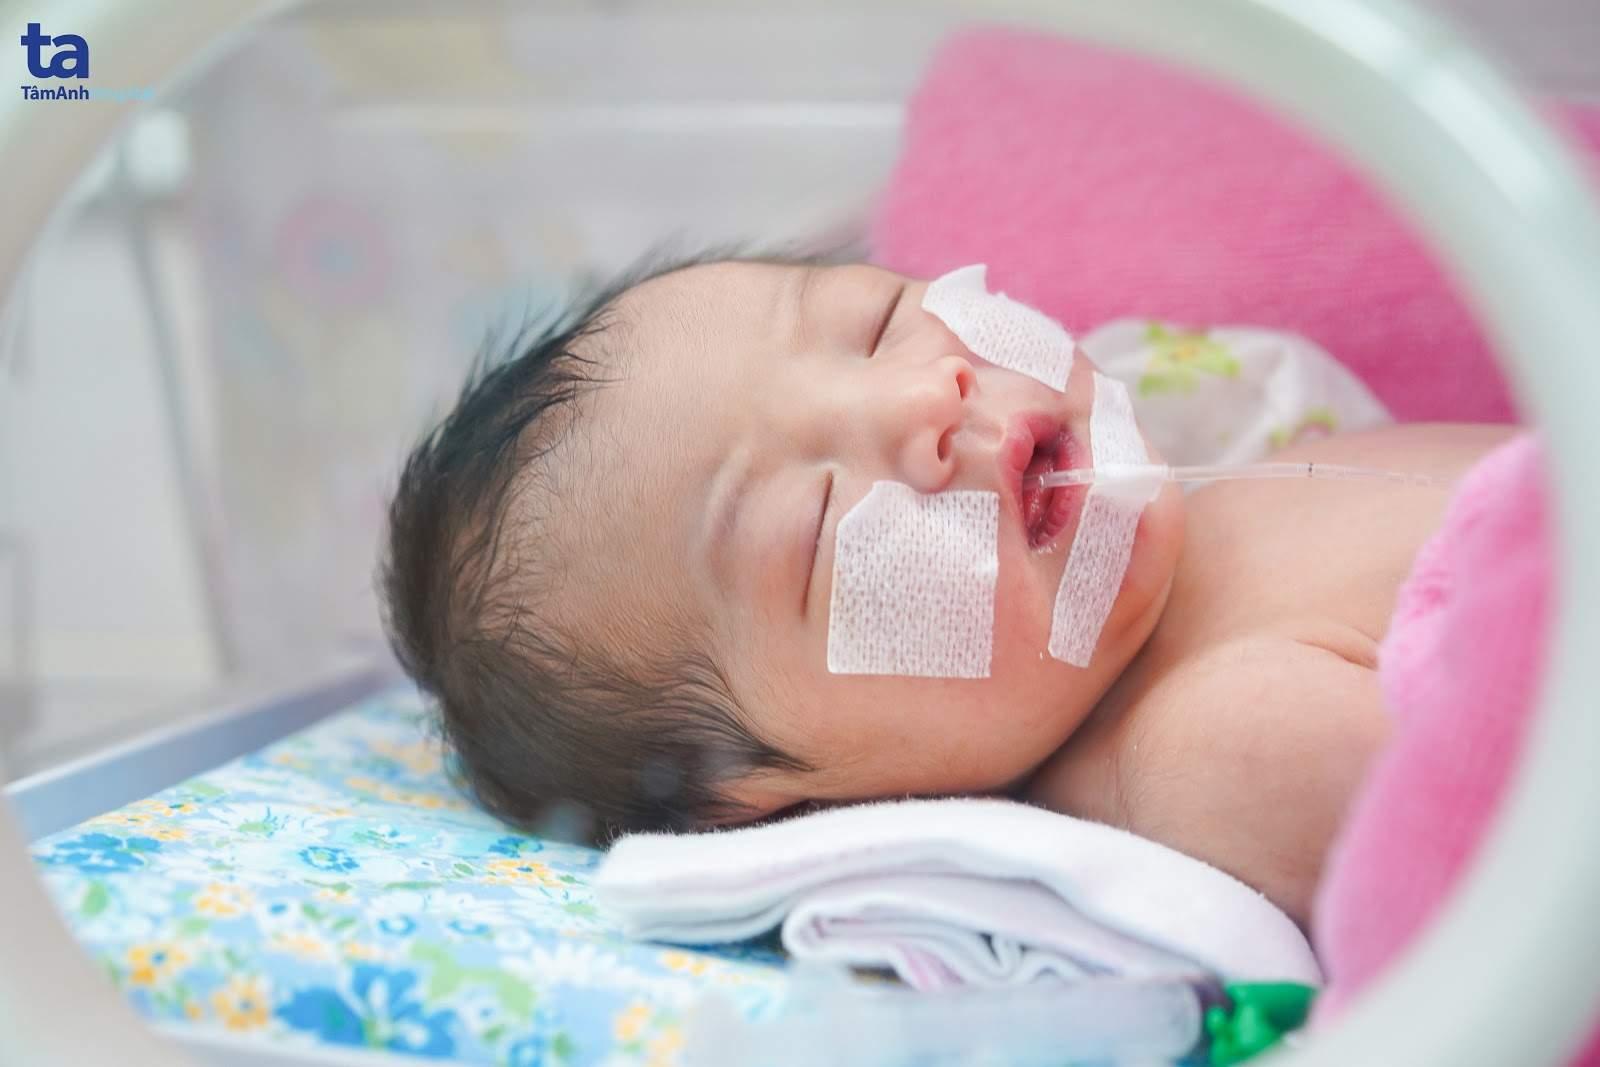 Dị tật bẩm sinh là một trong những nguyên nhân hàng đầu gây tử vong ở trẻ sơ sinh và trẻ nhỏ tại nhiều quốc gia